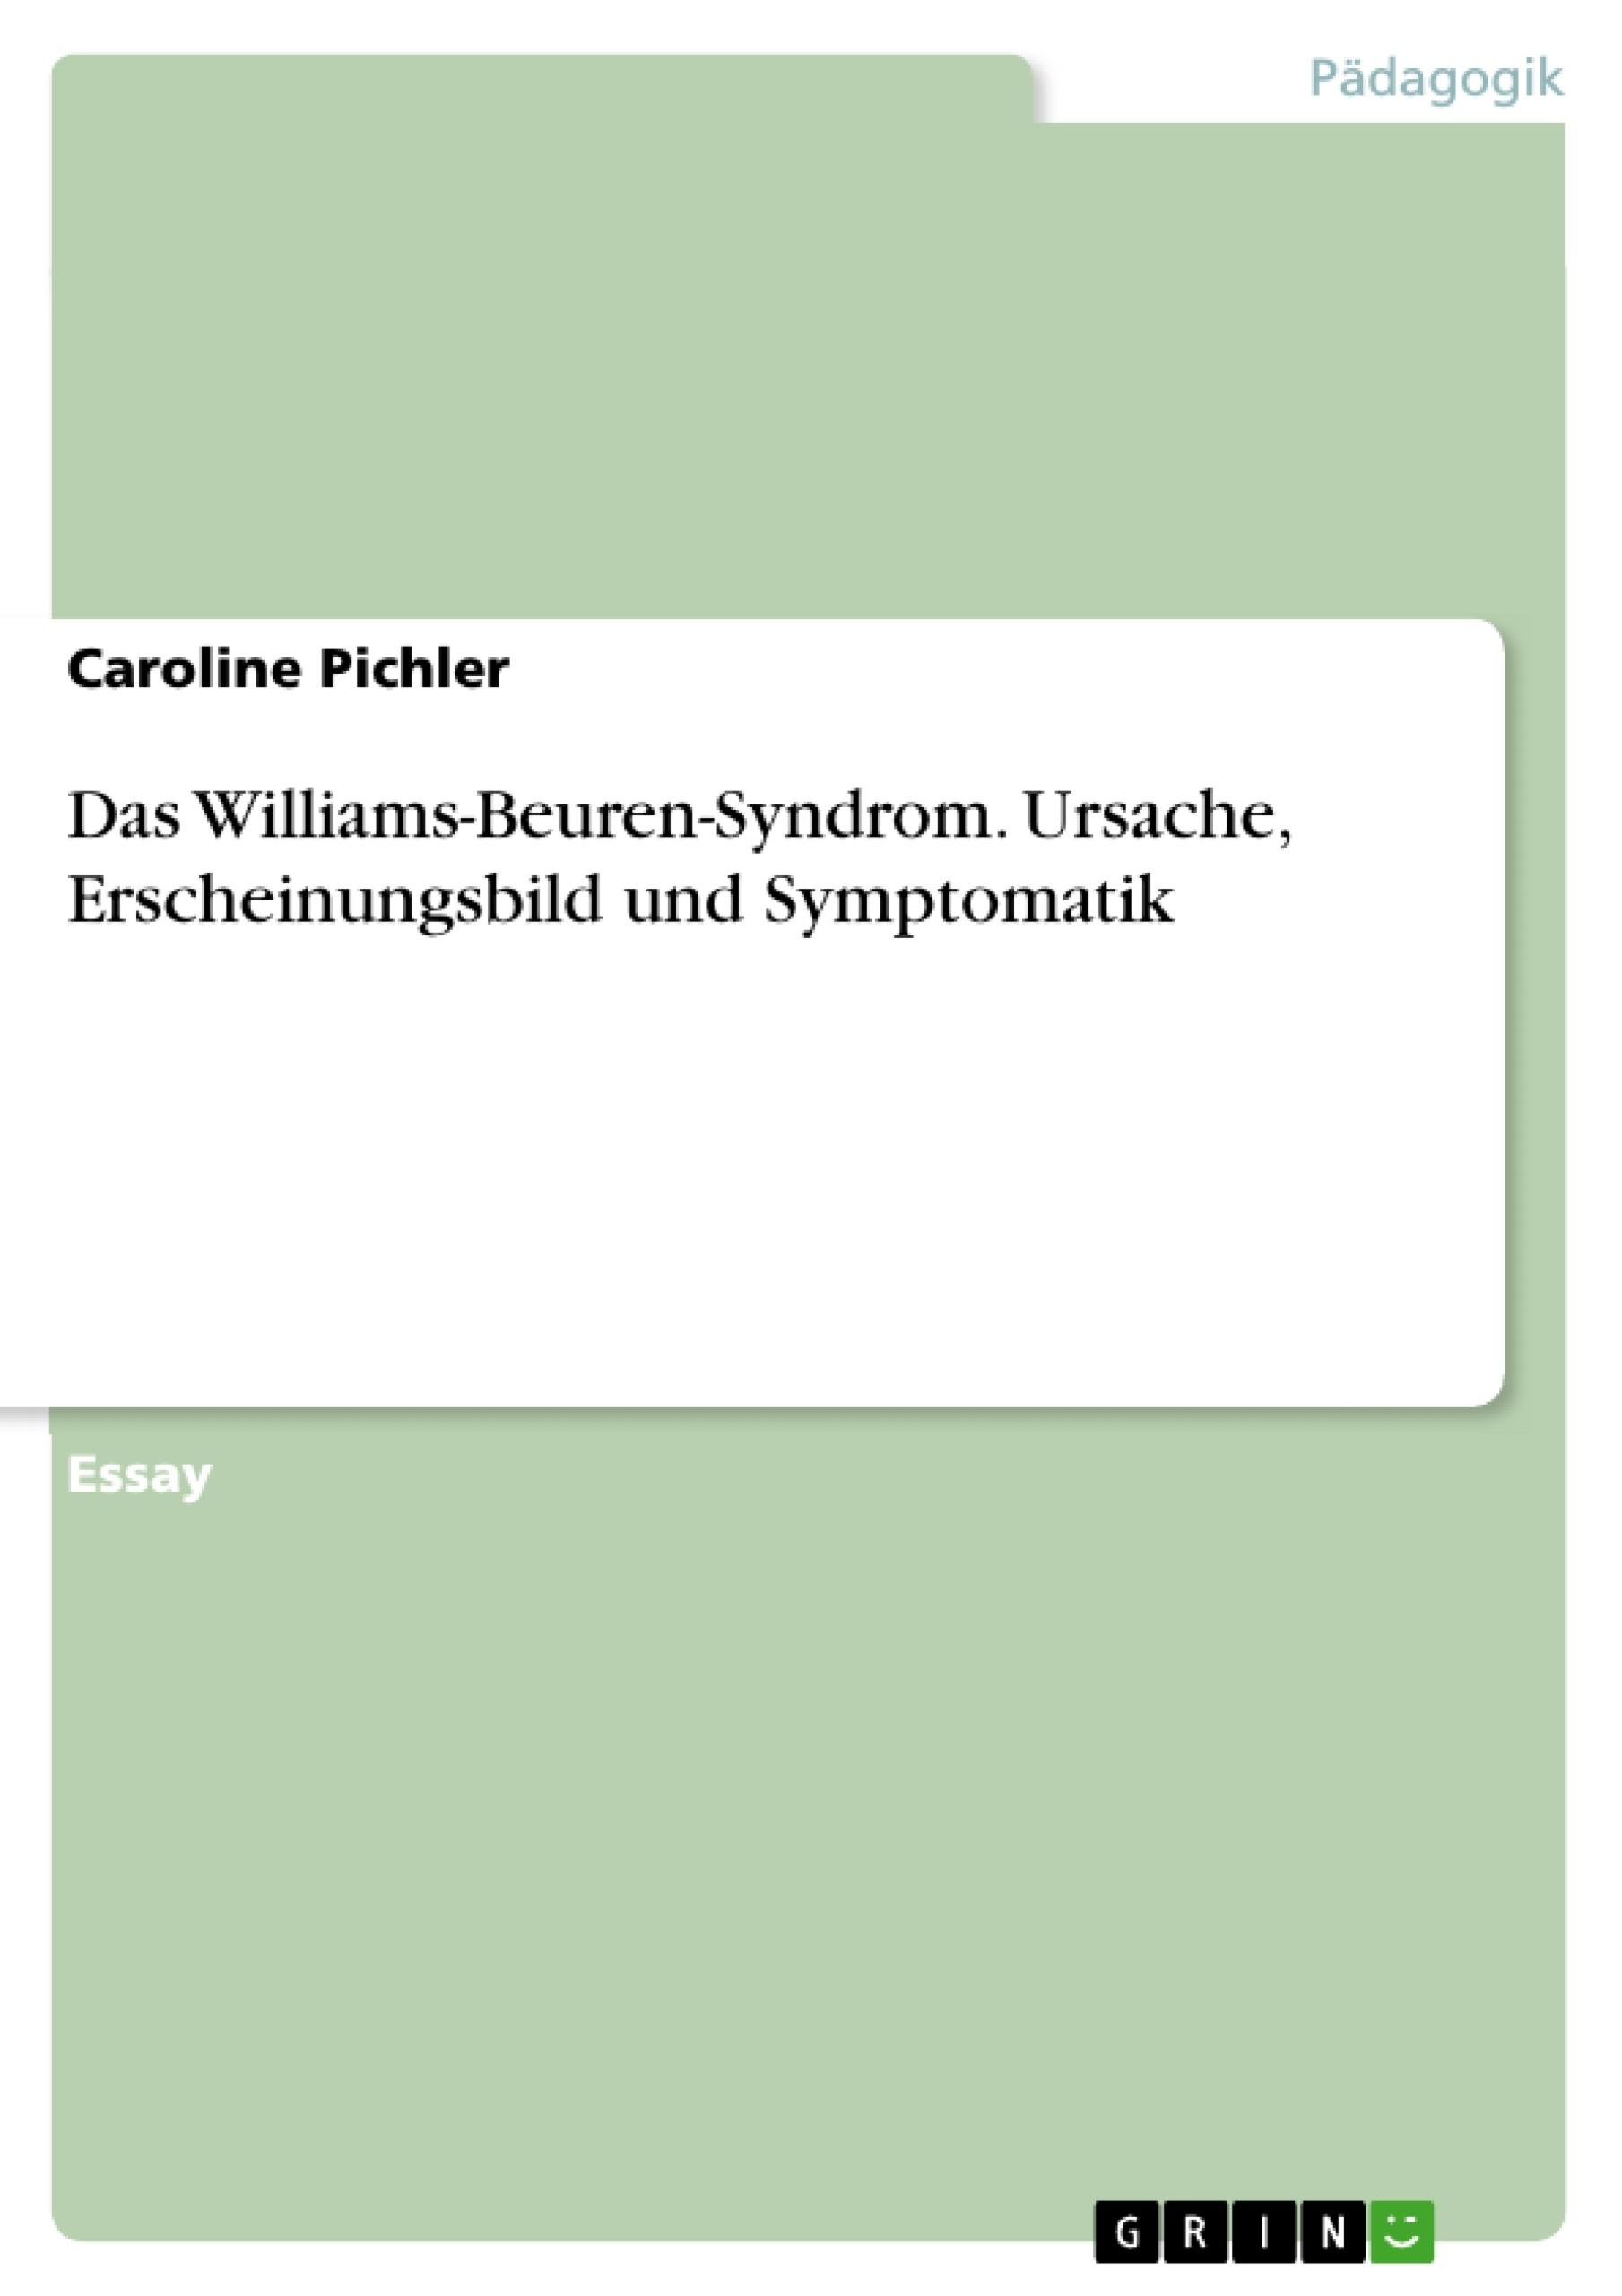 Titel: Das Williams-Beuren-Syndrom. Ursache, Erscheinungsbild und Symptomatik